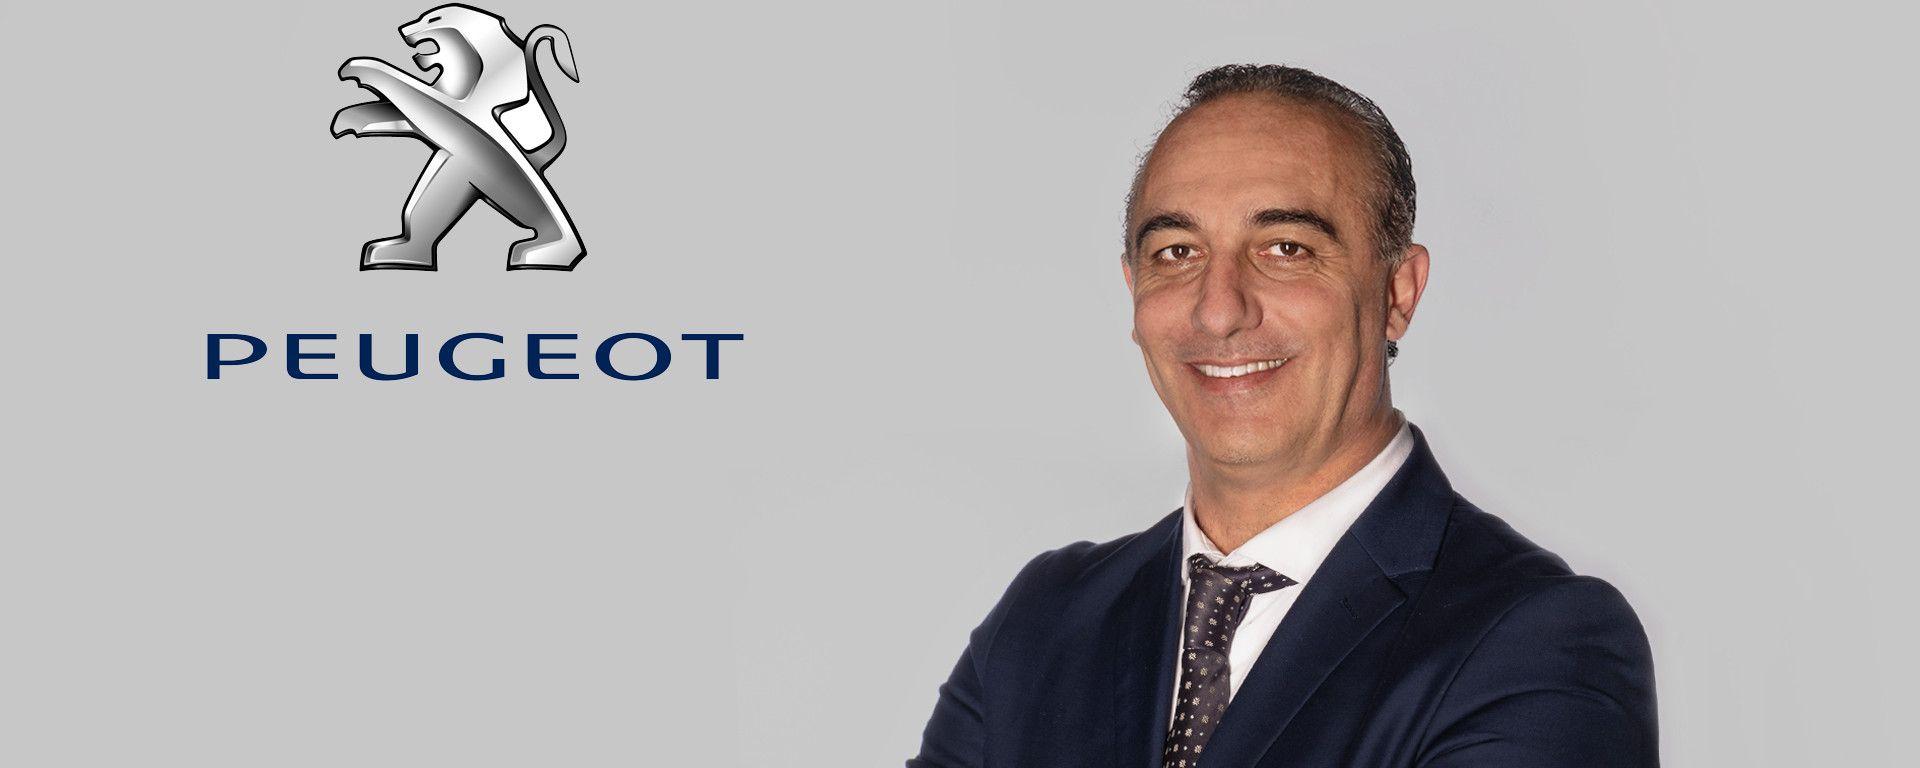 Giuseppe Graziuso, nuovo direttore vendite Peugeot Italia